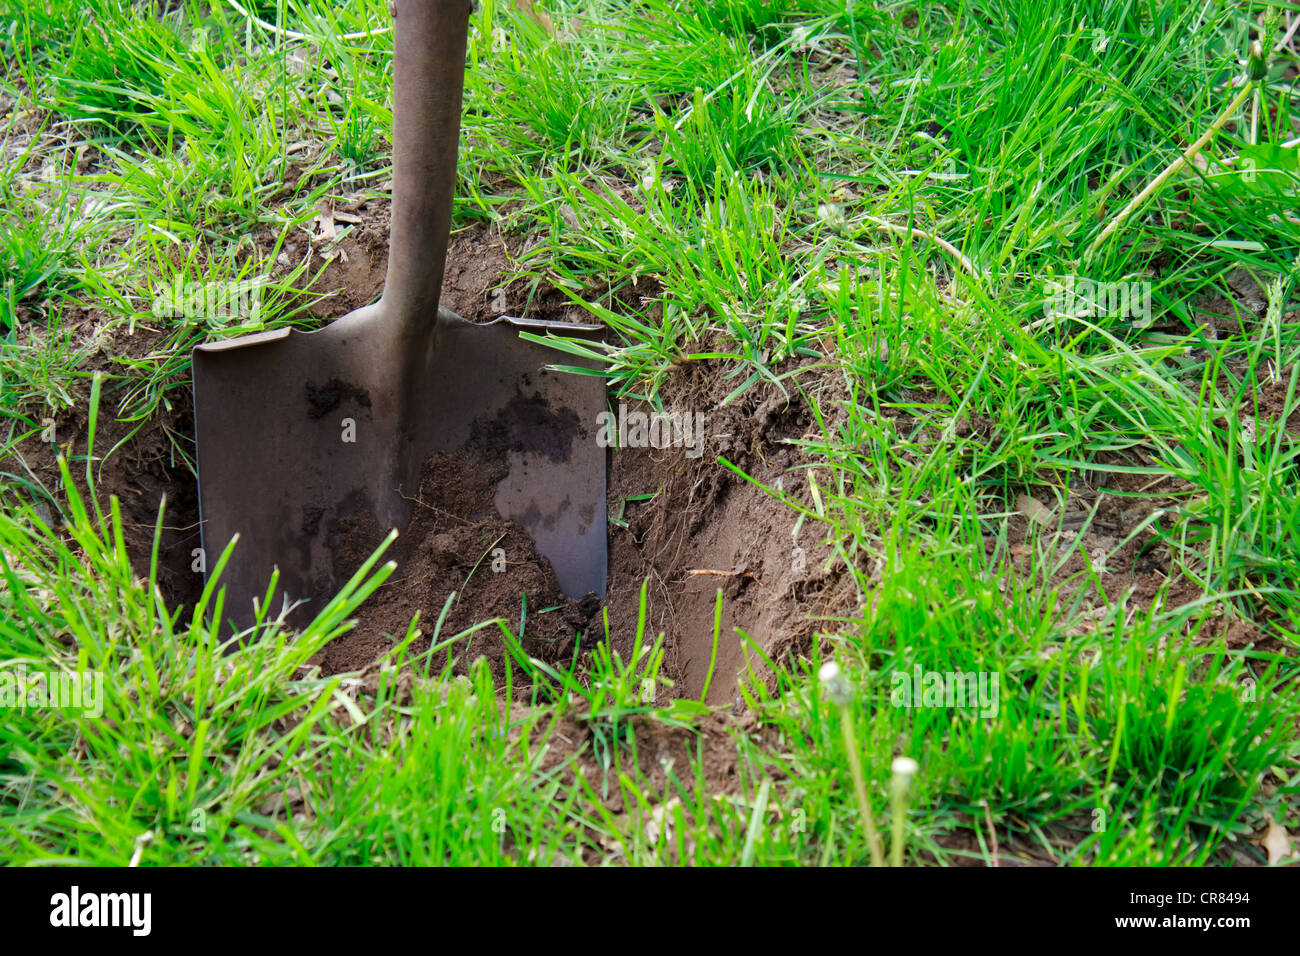 Shovel in the Soil (Spade) - Stock Image